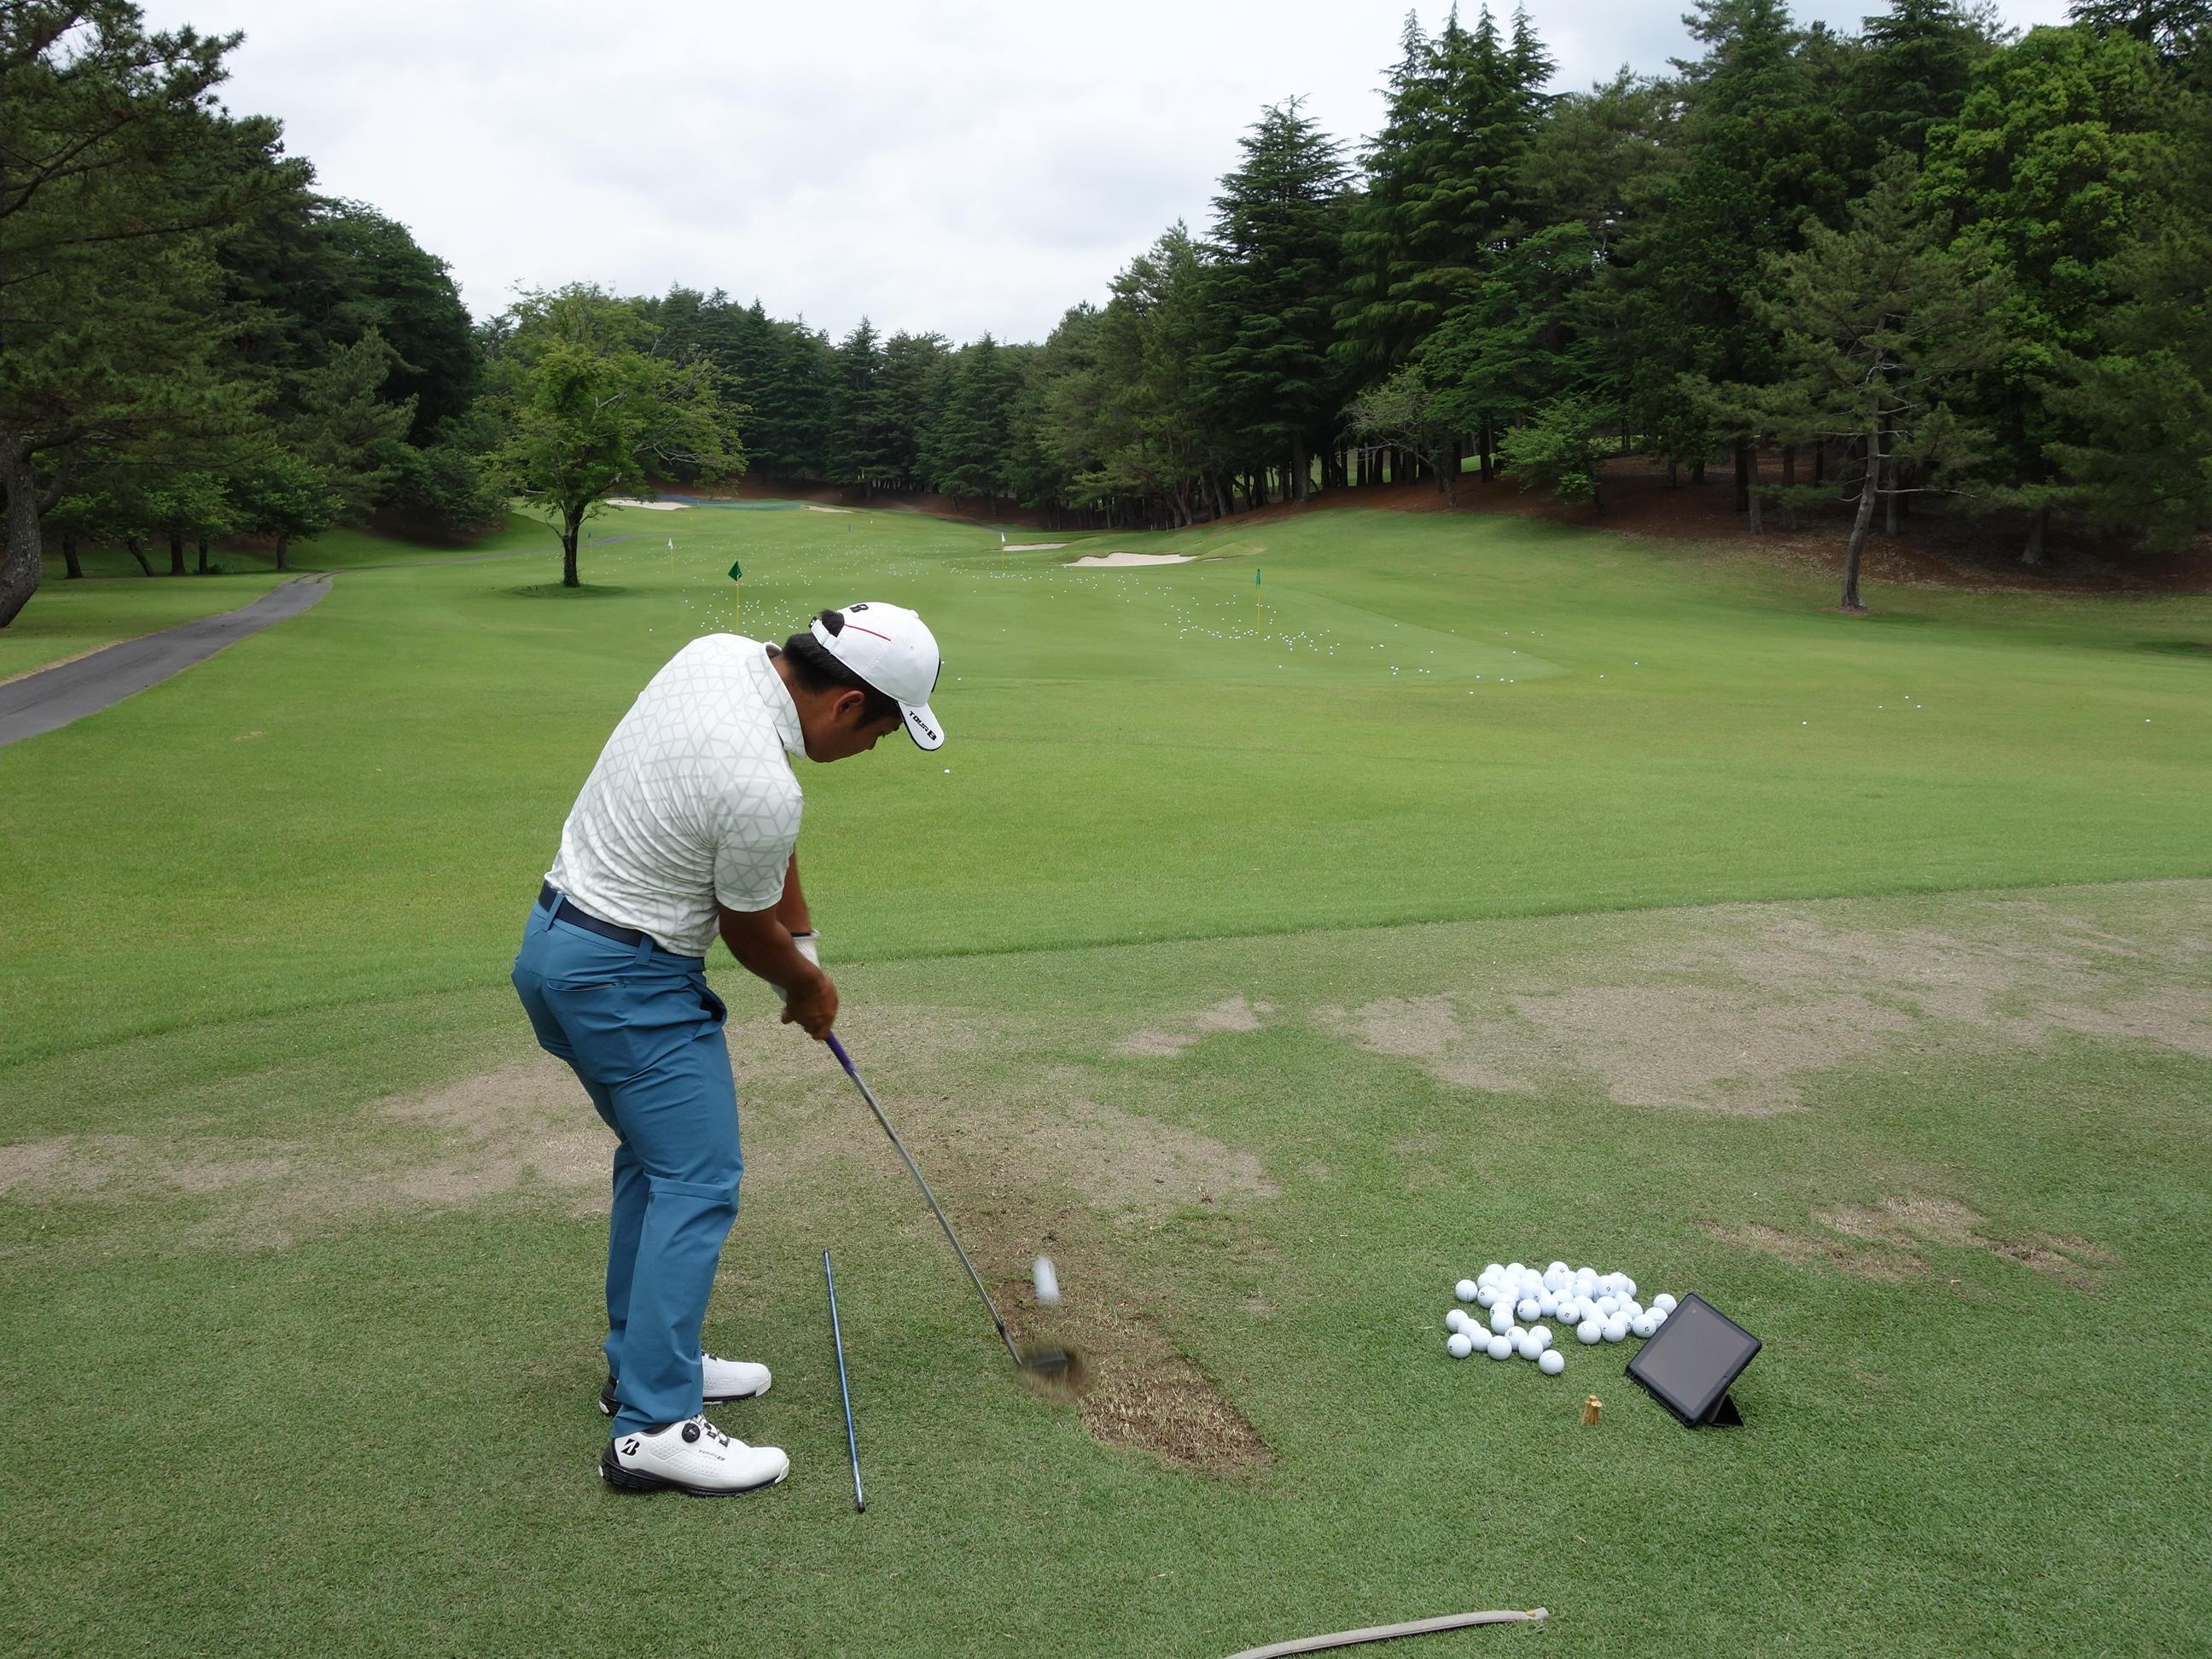 https://www.bs-golf.com/pro/e539dd1849147684c8b3eb94ef6a535da67fc869.JPG